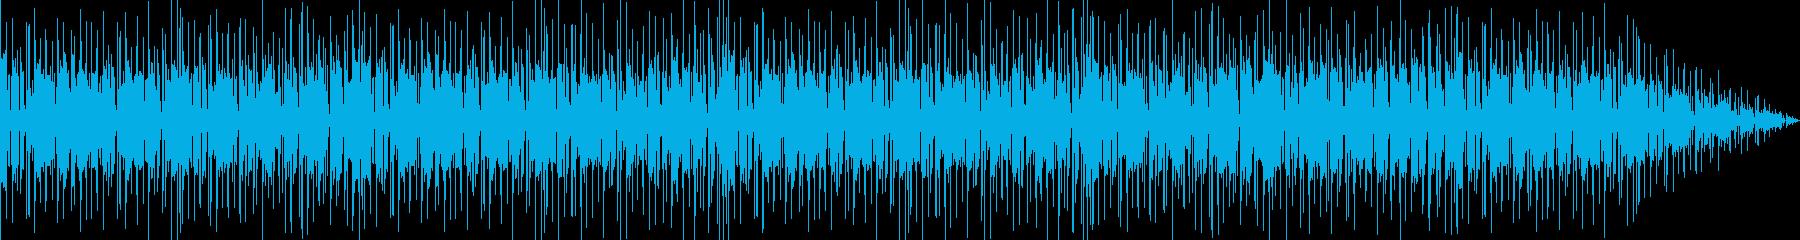 スラップベースとドラムのリズム楽曲の再生済みの波形